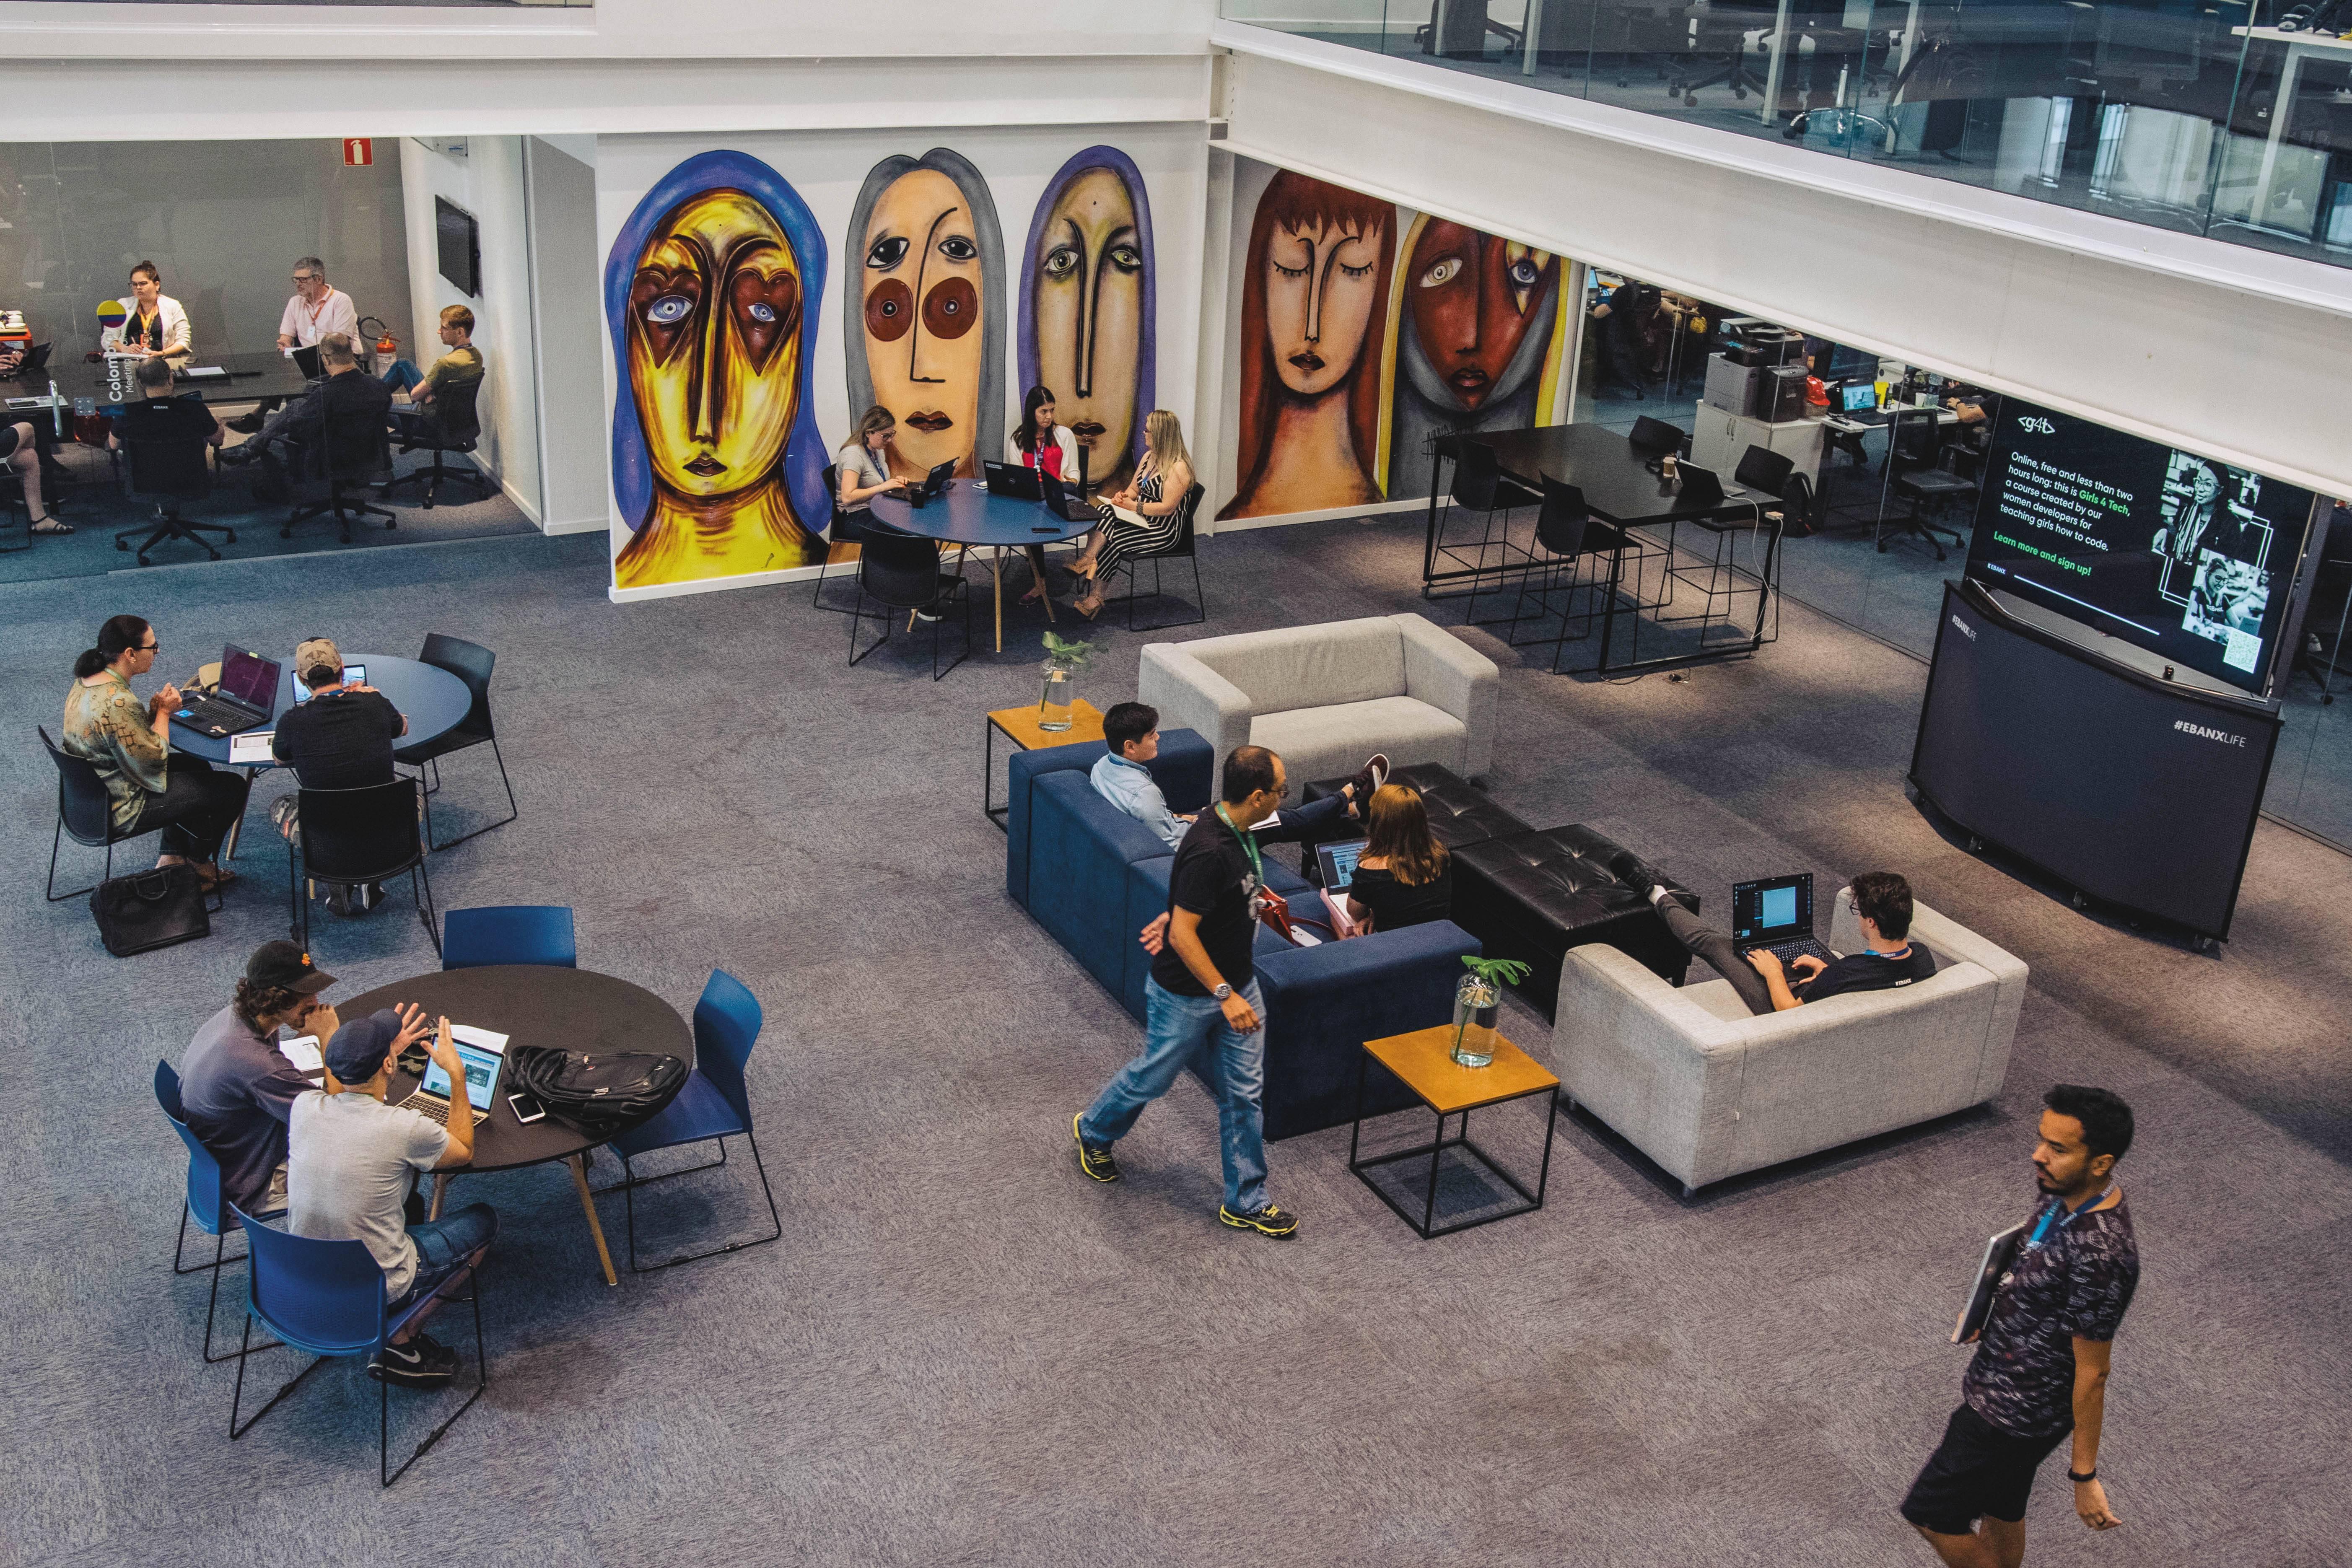 Com sede no Edifício Itália, em Curitiba, EBANX tem orgulho de crescer fora dos grandes centros por poder construir e gerar impacto na comunidade.